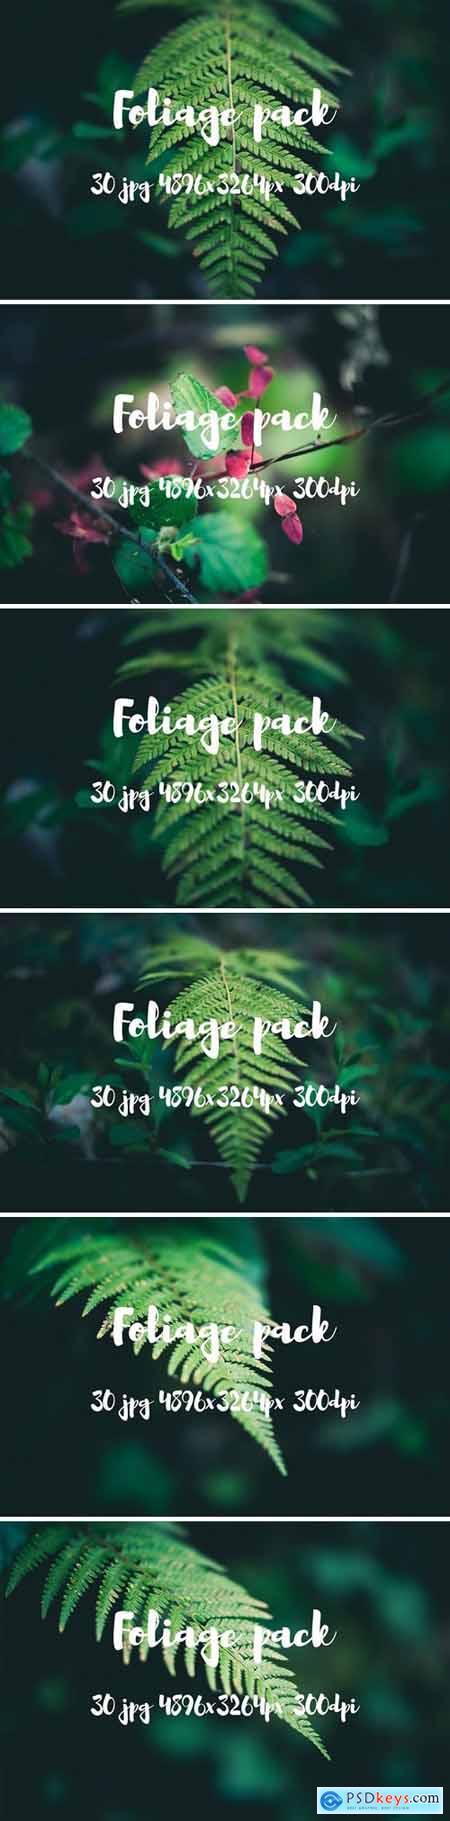 Foliage pack 2477731